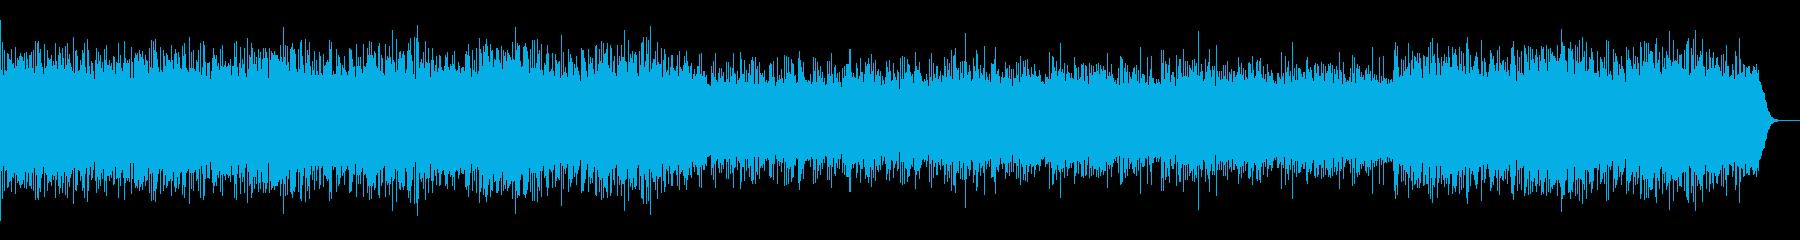 管弦楽組曲第一番 ブーレの再生済みの波形